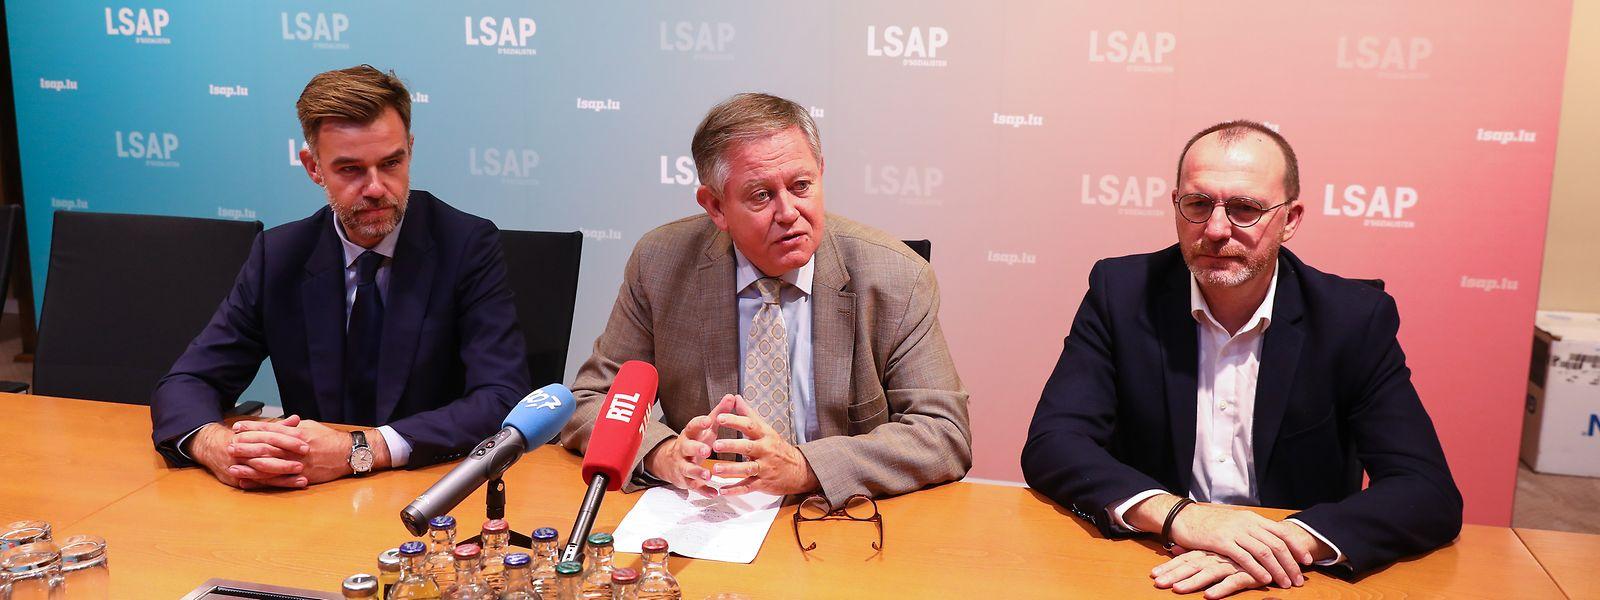 Parteipräsident Franz Fayot, Fraktionspräsident Alex Bodry und der kommende Chef der LSAP-Abgeordneten Georges Engel kommentierten die politische Aktualität.